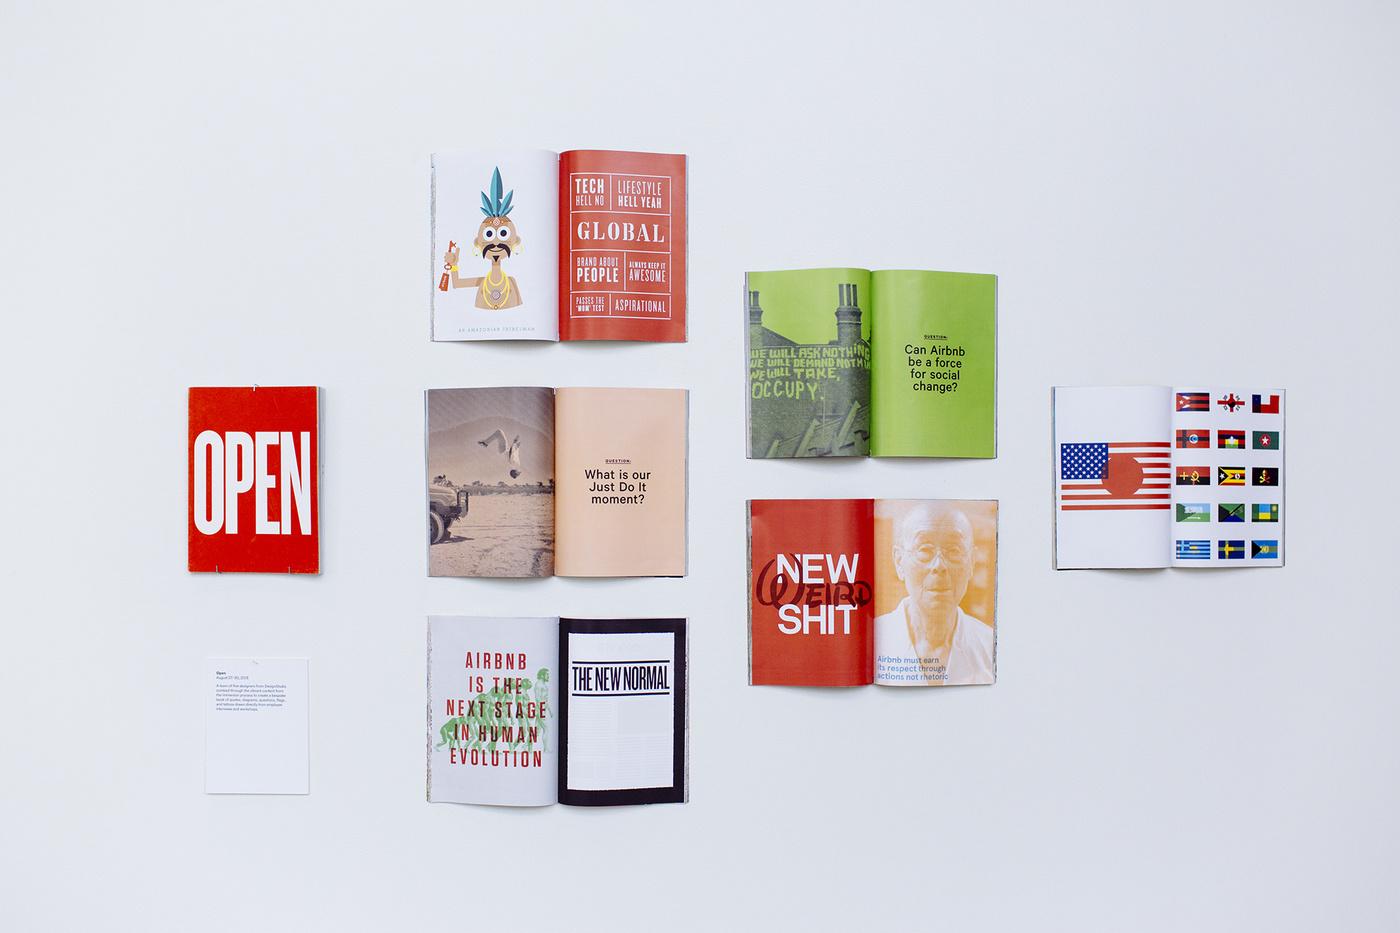 for Airbnb/Design Studio